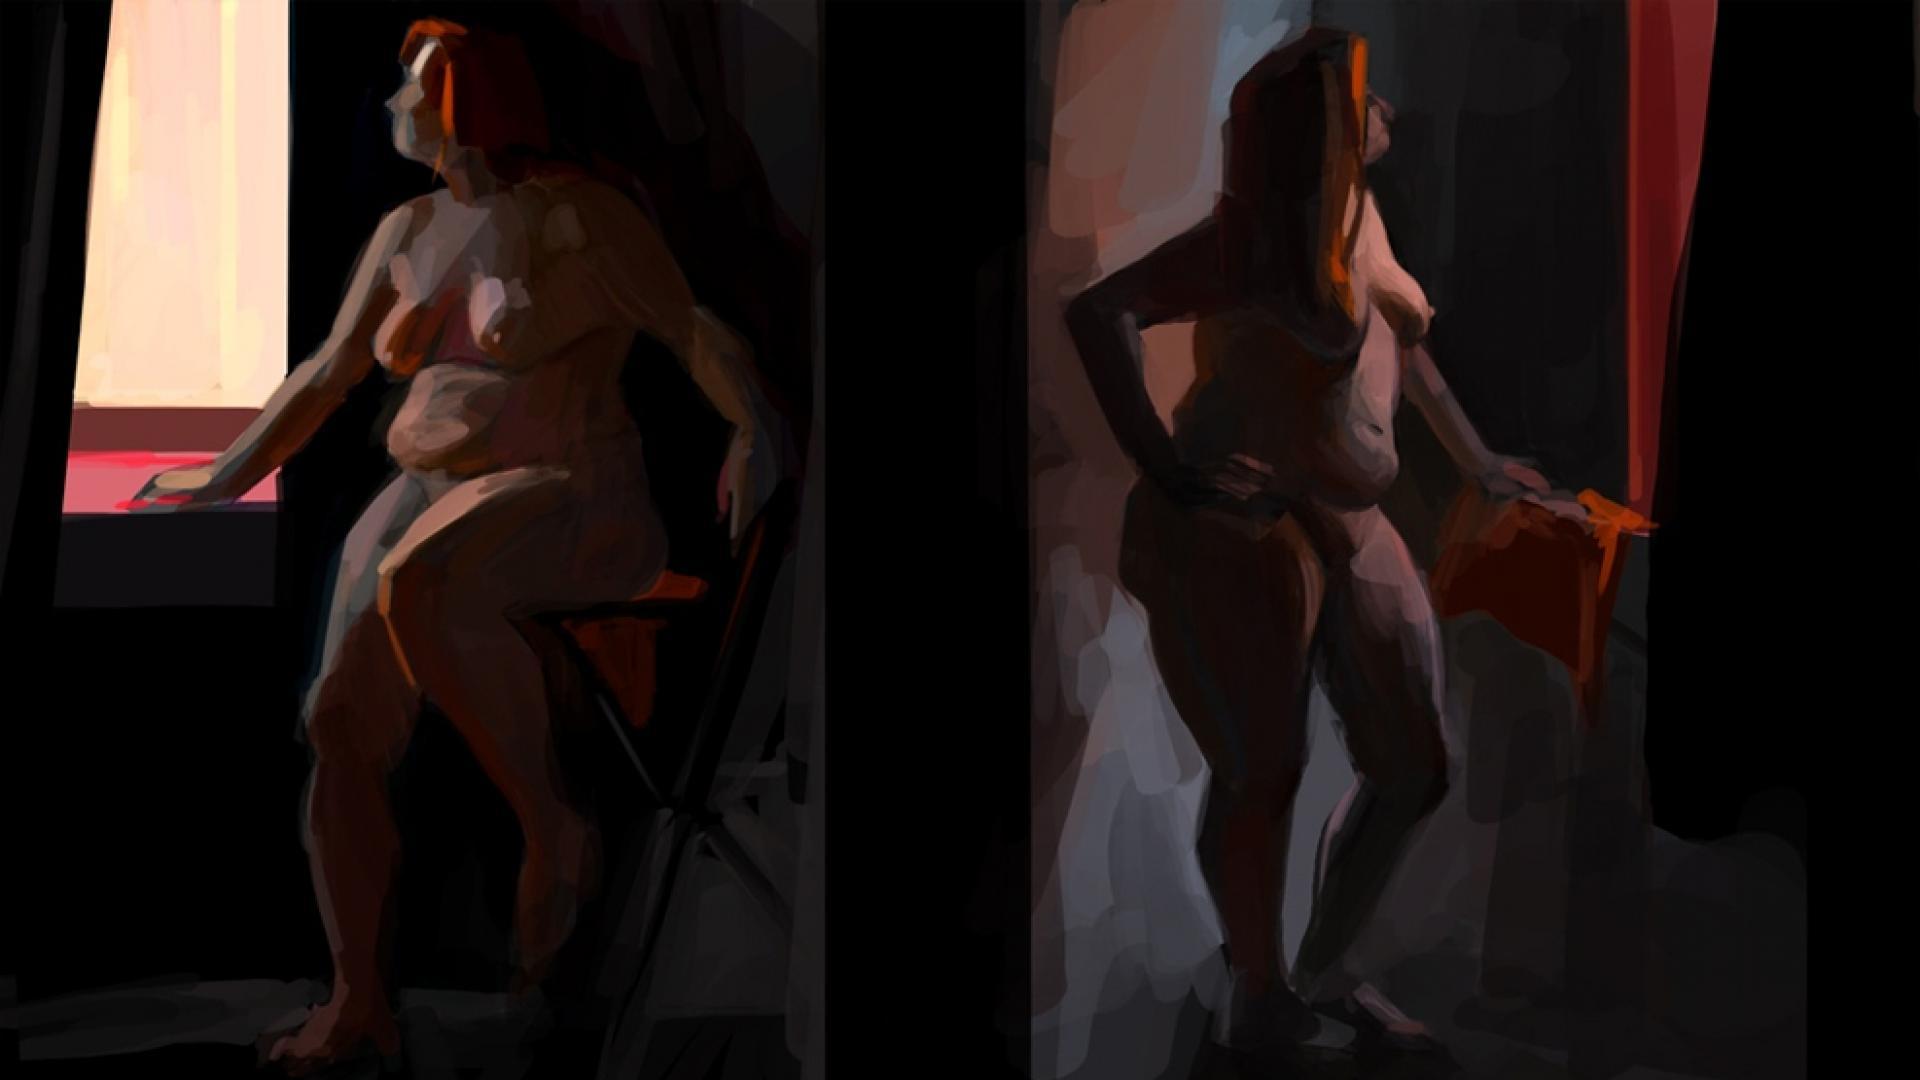 Работа студентки курса Цифровая живопись